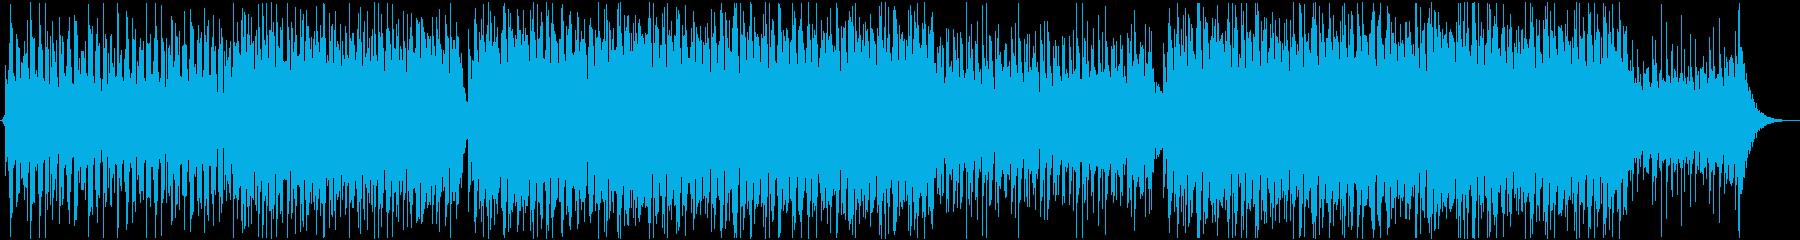 爽やかで優しい音色のトロピカルBGMの再生済みの波形